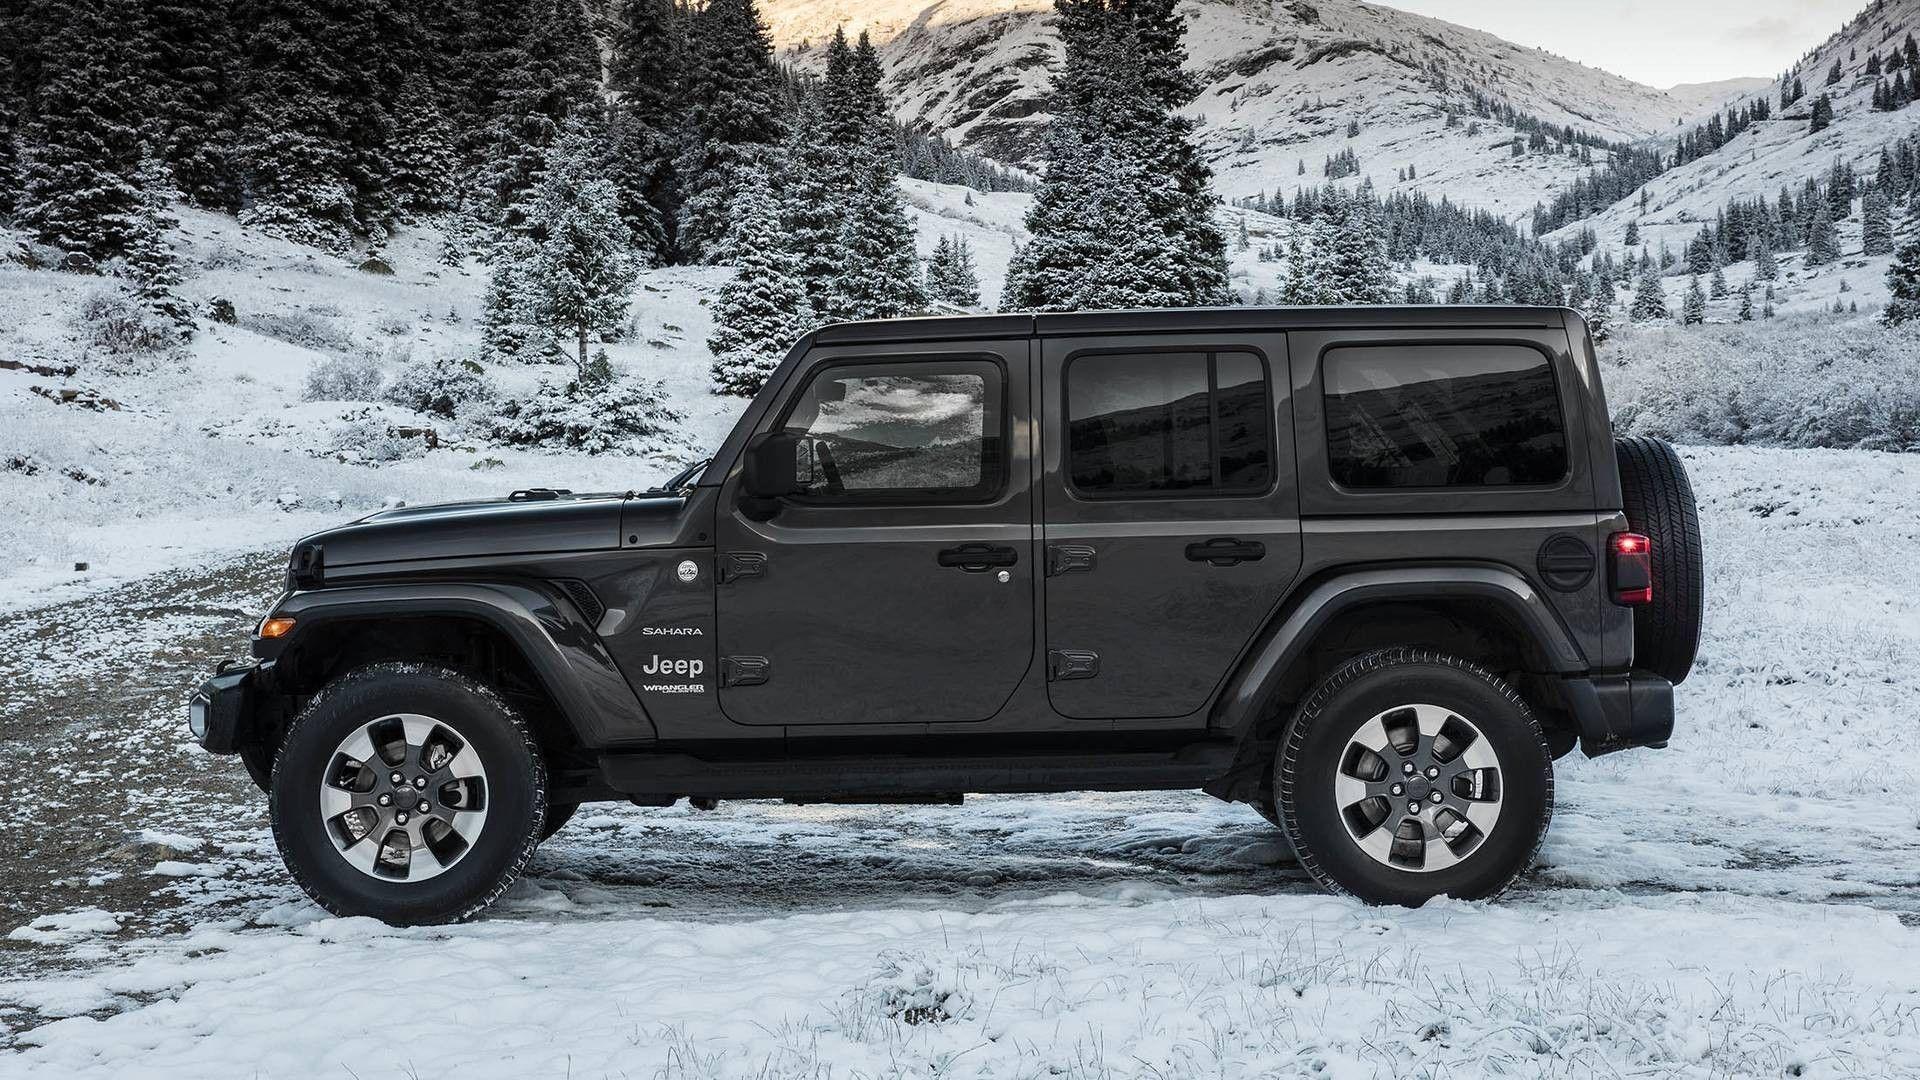 2020 Jeep Wrangler Plug In Hybrid First Drive In 2020 Jeep Wrangler Unlimited Jeep Wrangler Sahara New Jeep Wrangler